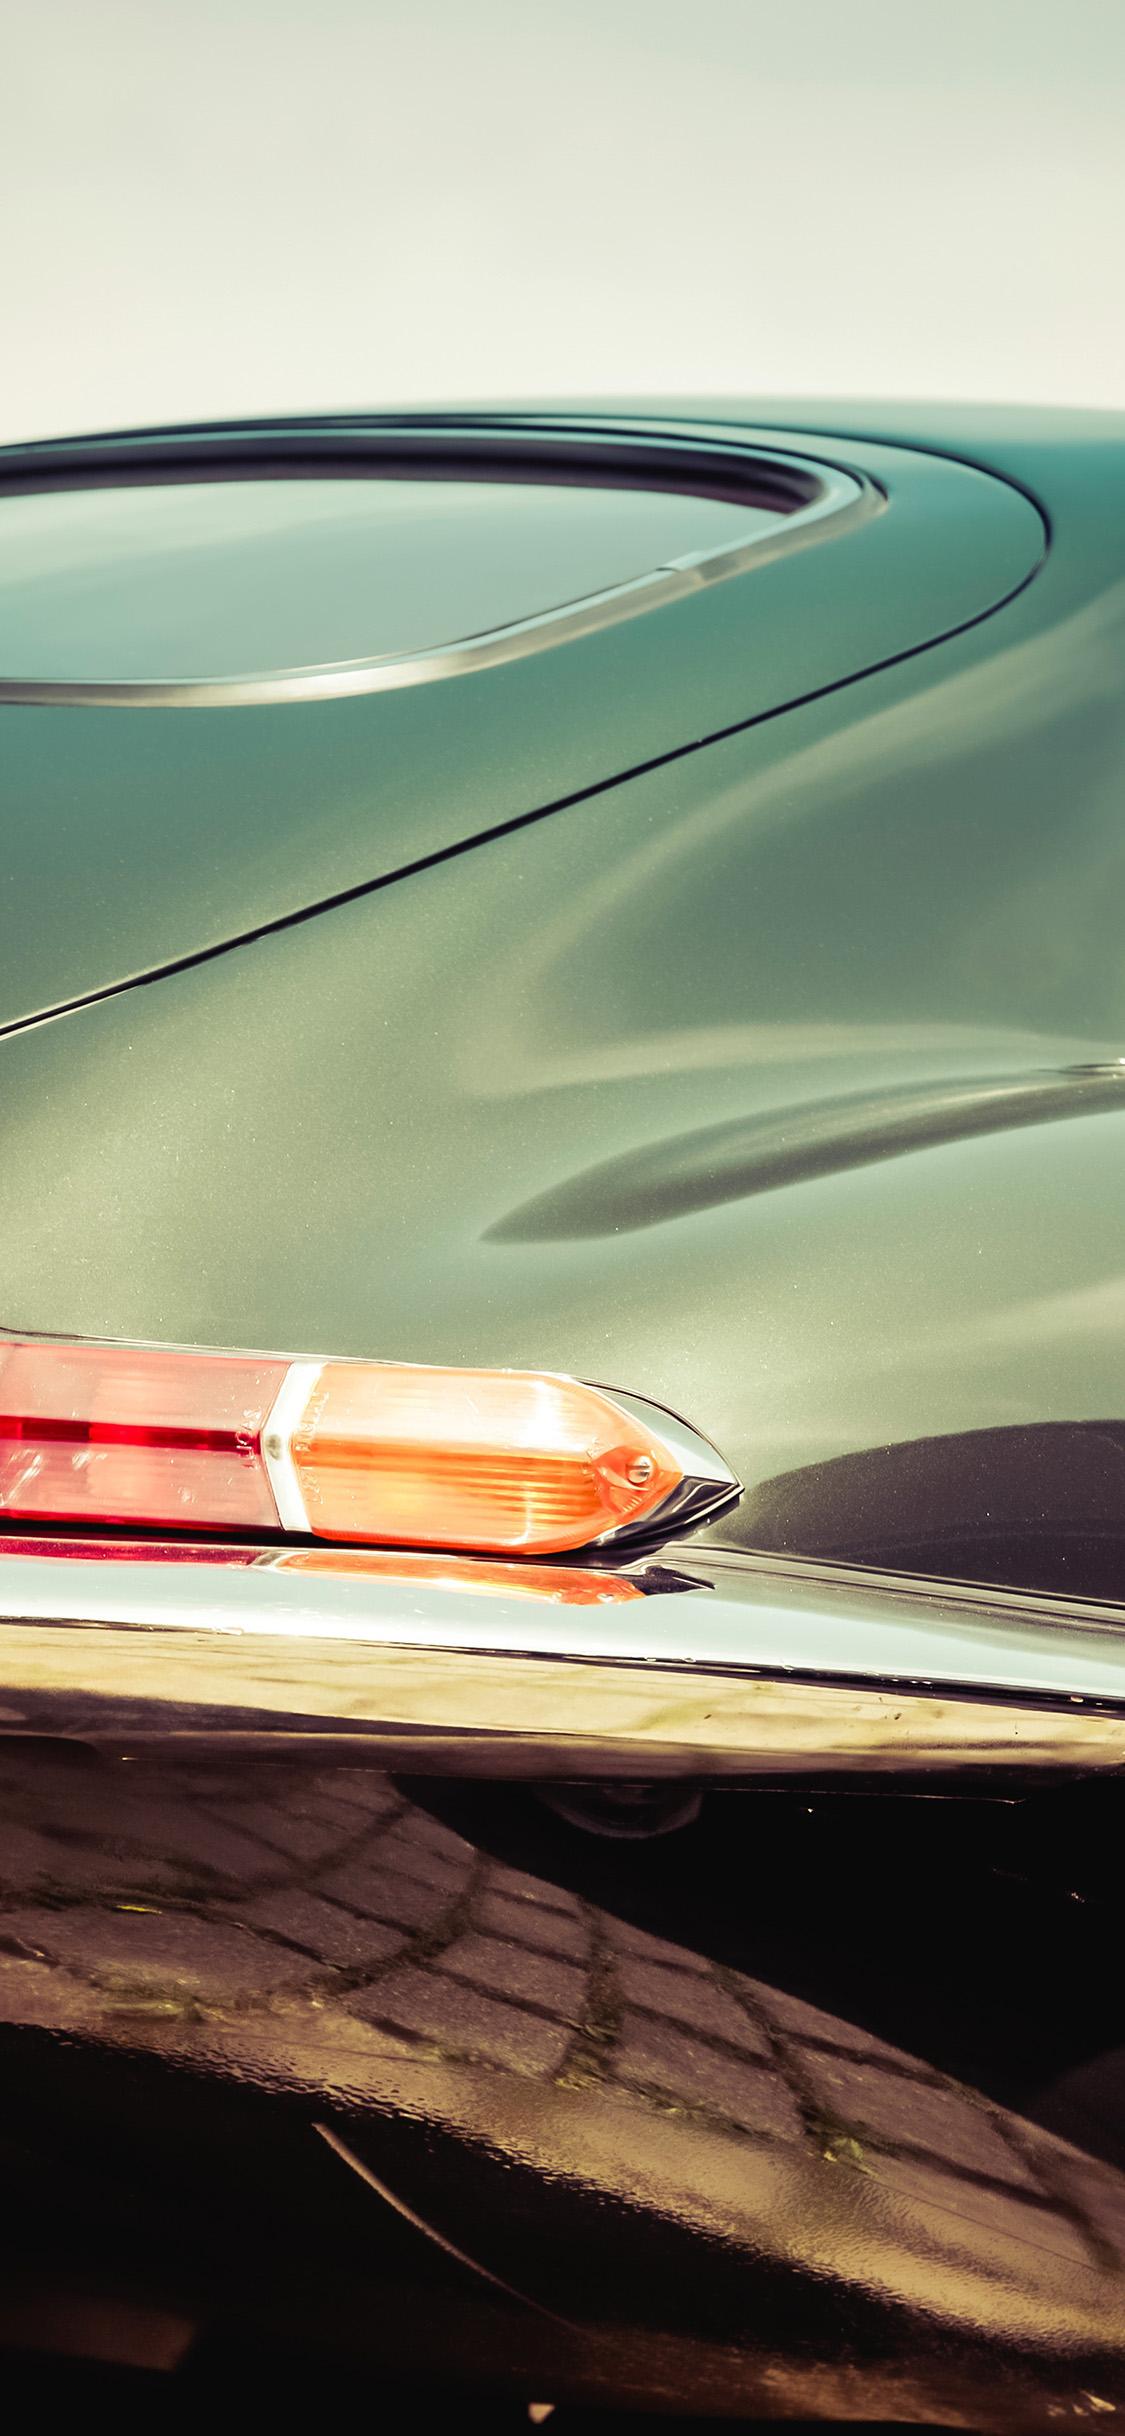 iPhonexpapers.com-Apple-iPhone-wallpaper-oc91-car-classic-nature